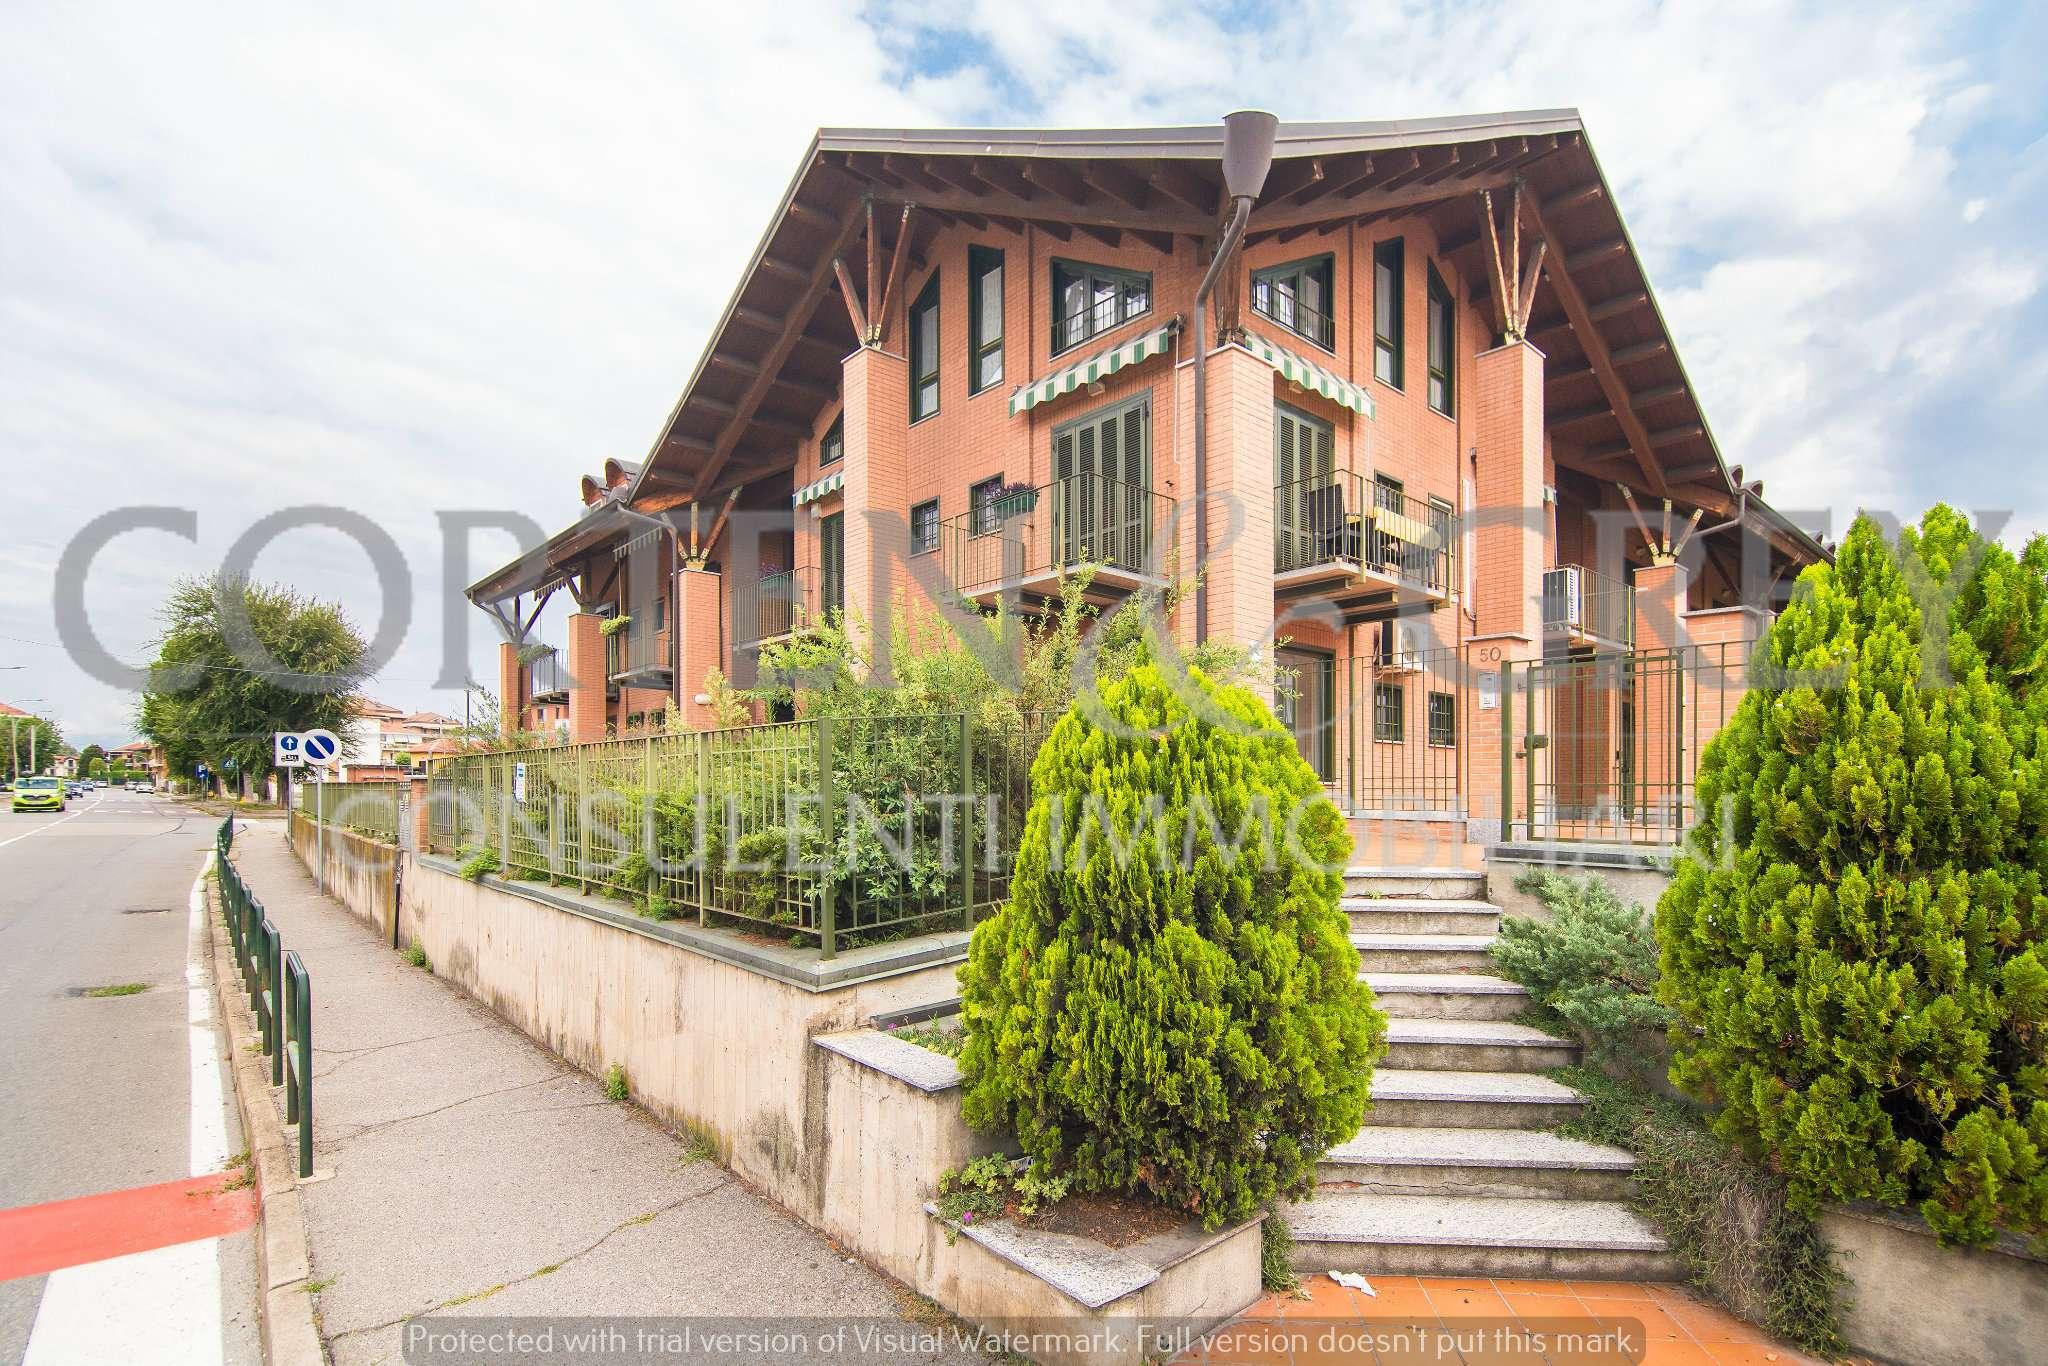 Attico / Mansarda in vendita a San Mauro Torinese, 6 locali, prezzo € 289.000 | PortaleAgenzieImmobiliari.it